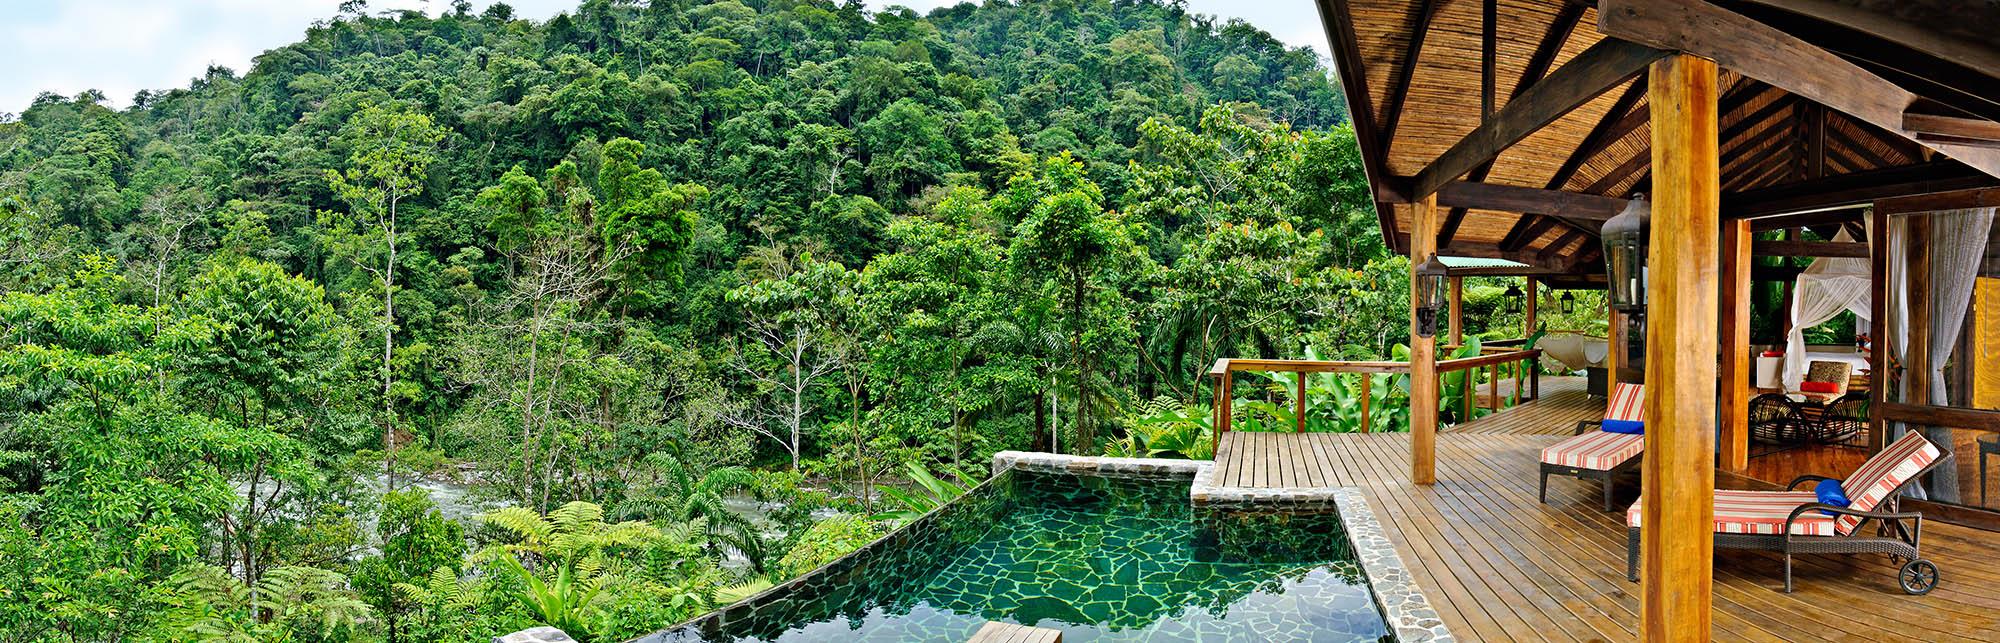 pacuare-river-lodge-costa-rica